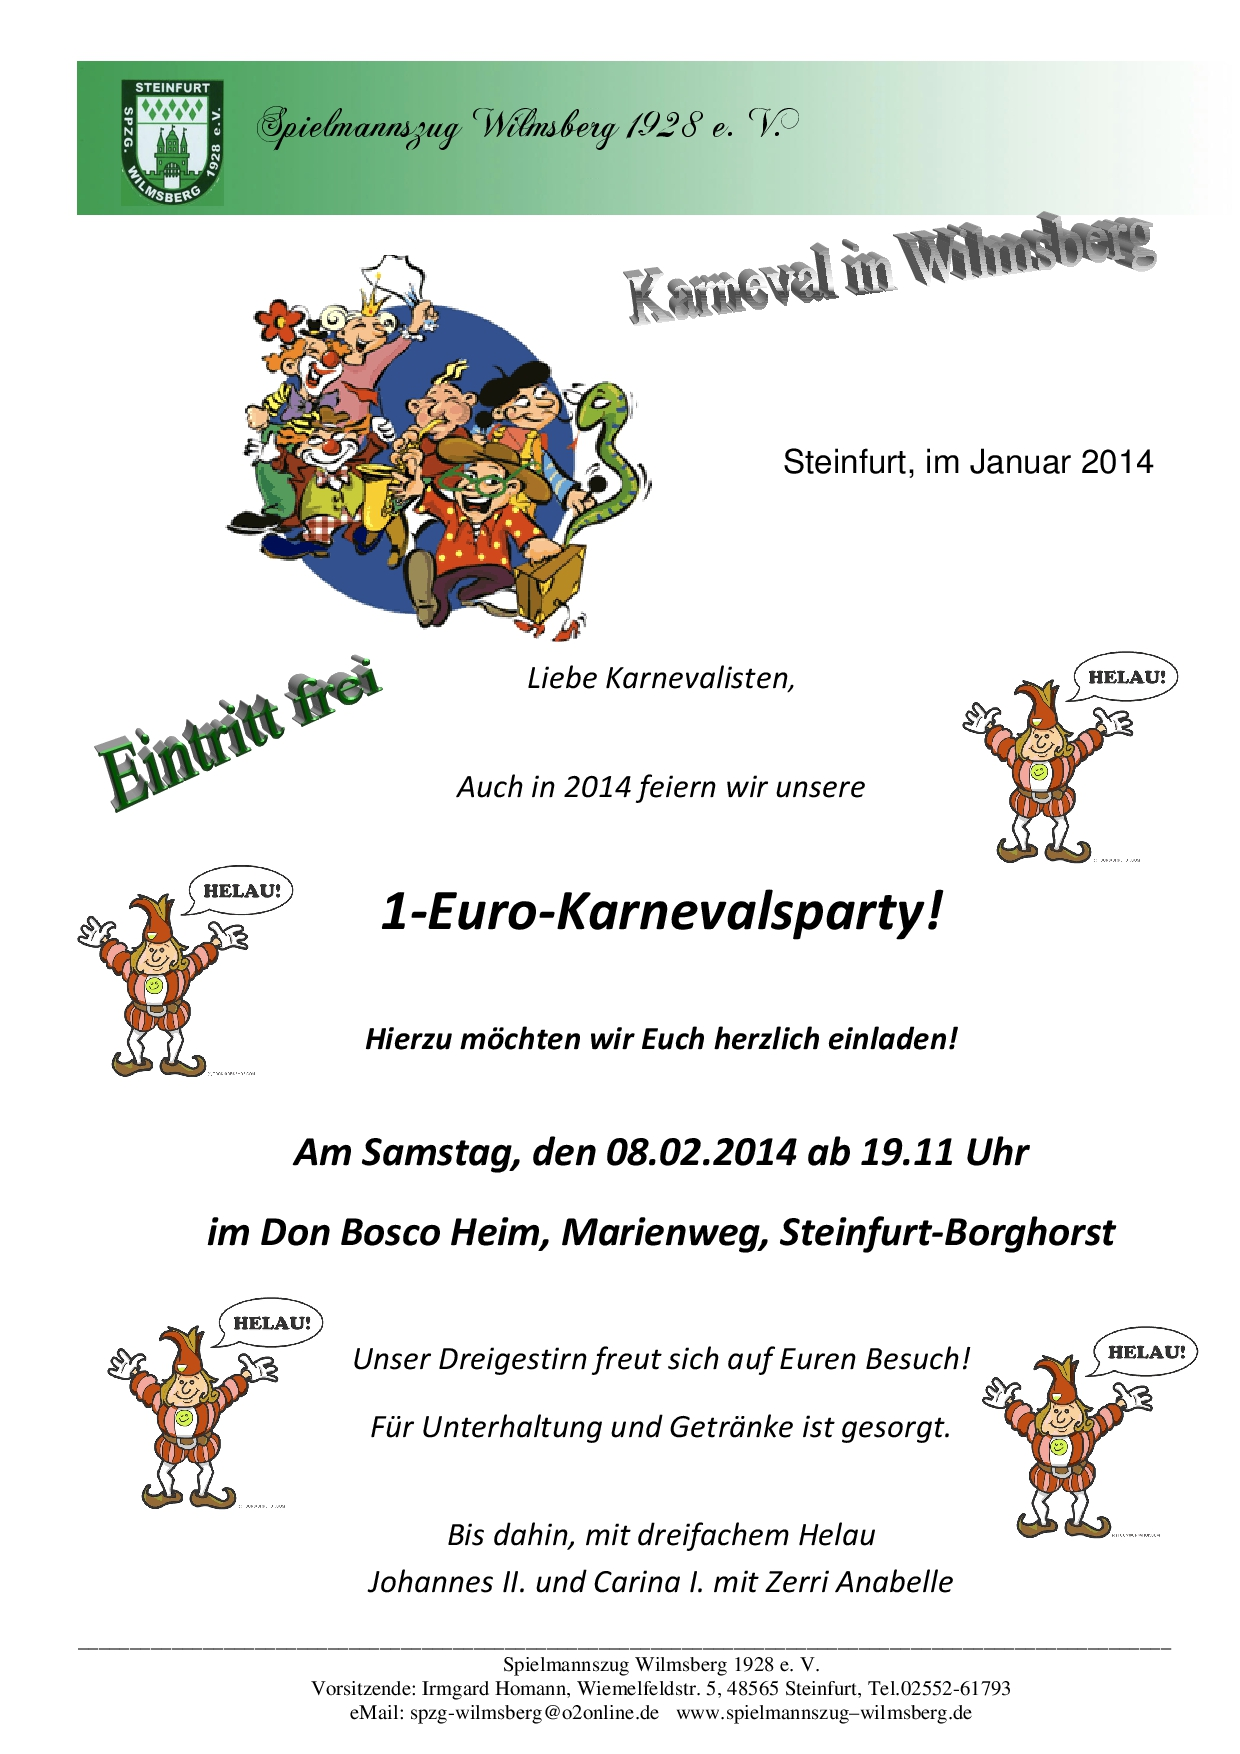 Einladung Karnevalsparty Spielmannszug Wilmsberg 1928 e. V.